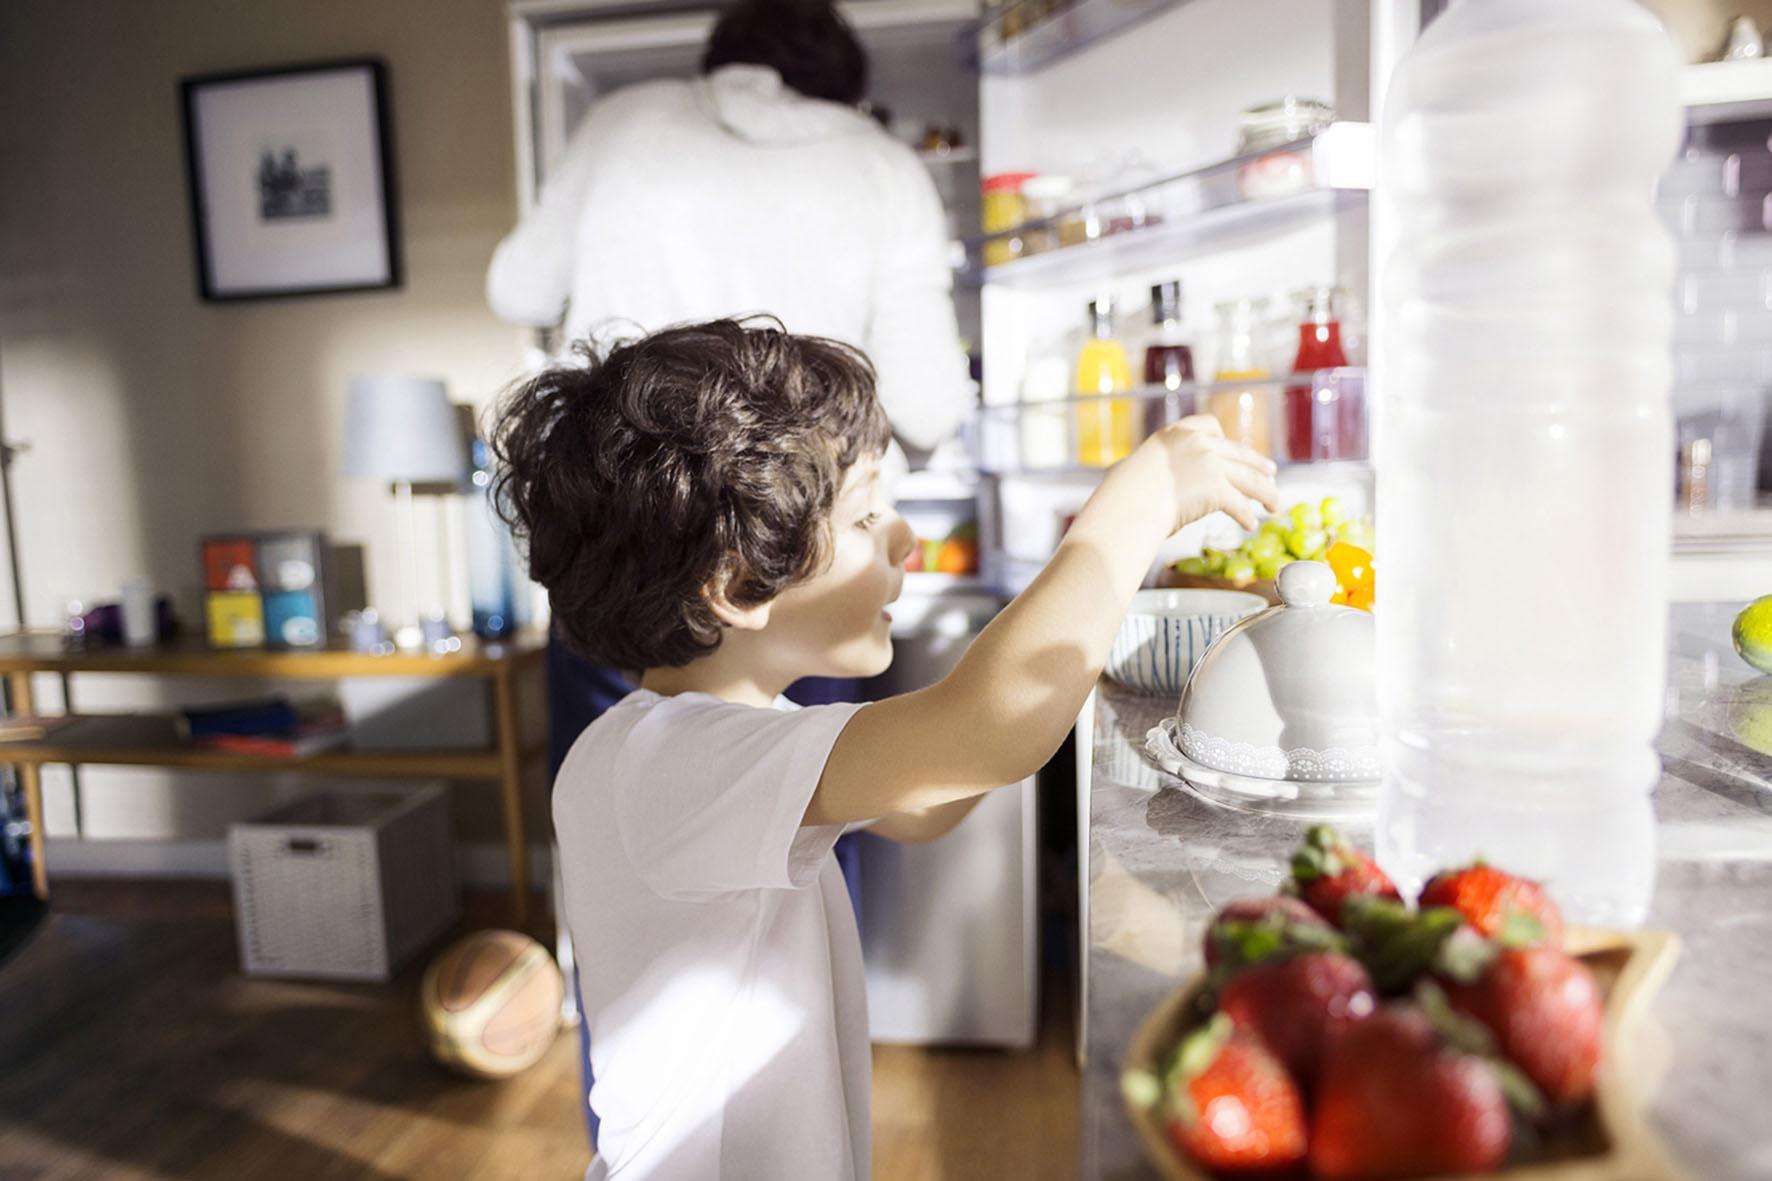 Anreize für eine gesunde Ernährung schaffen